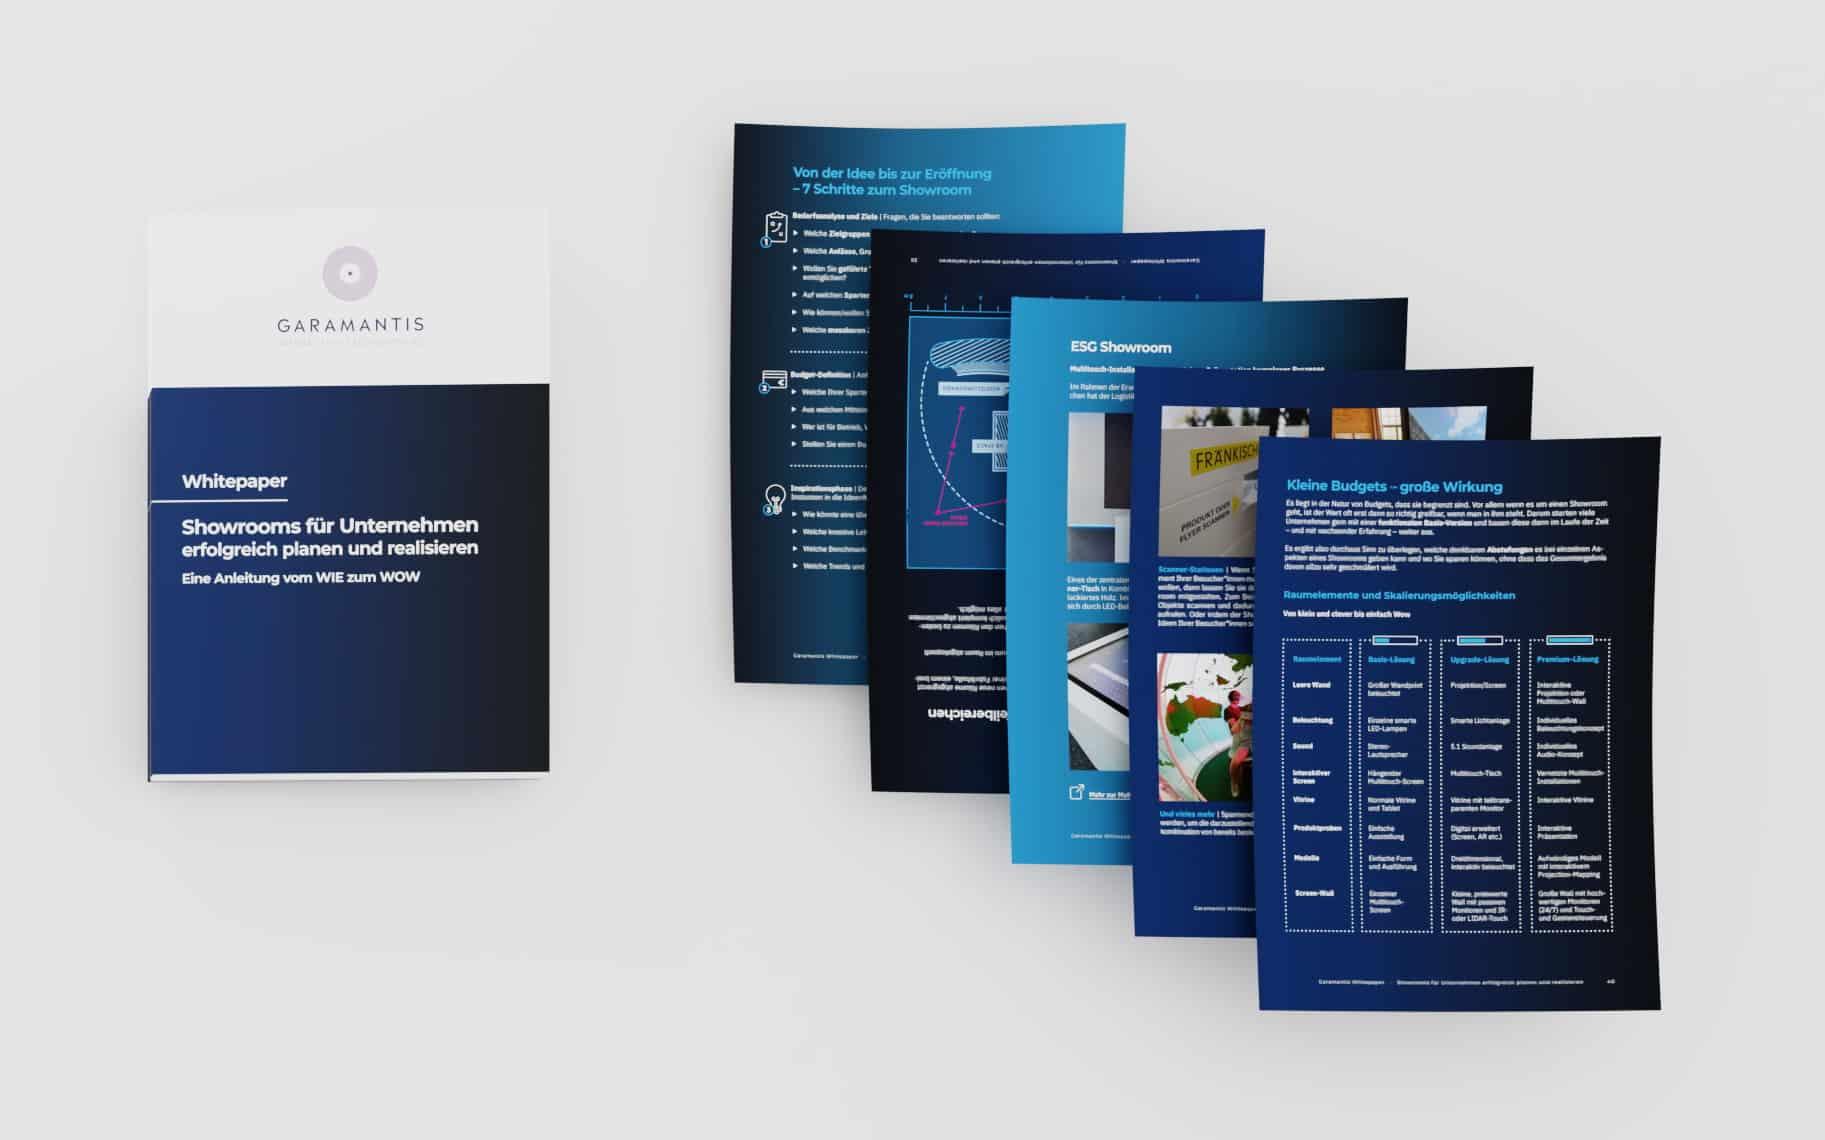 Showroom für Unternehmen - Garamantis Whitepaper